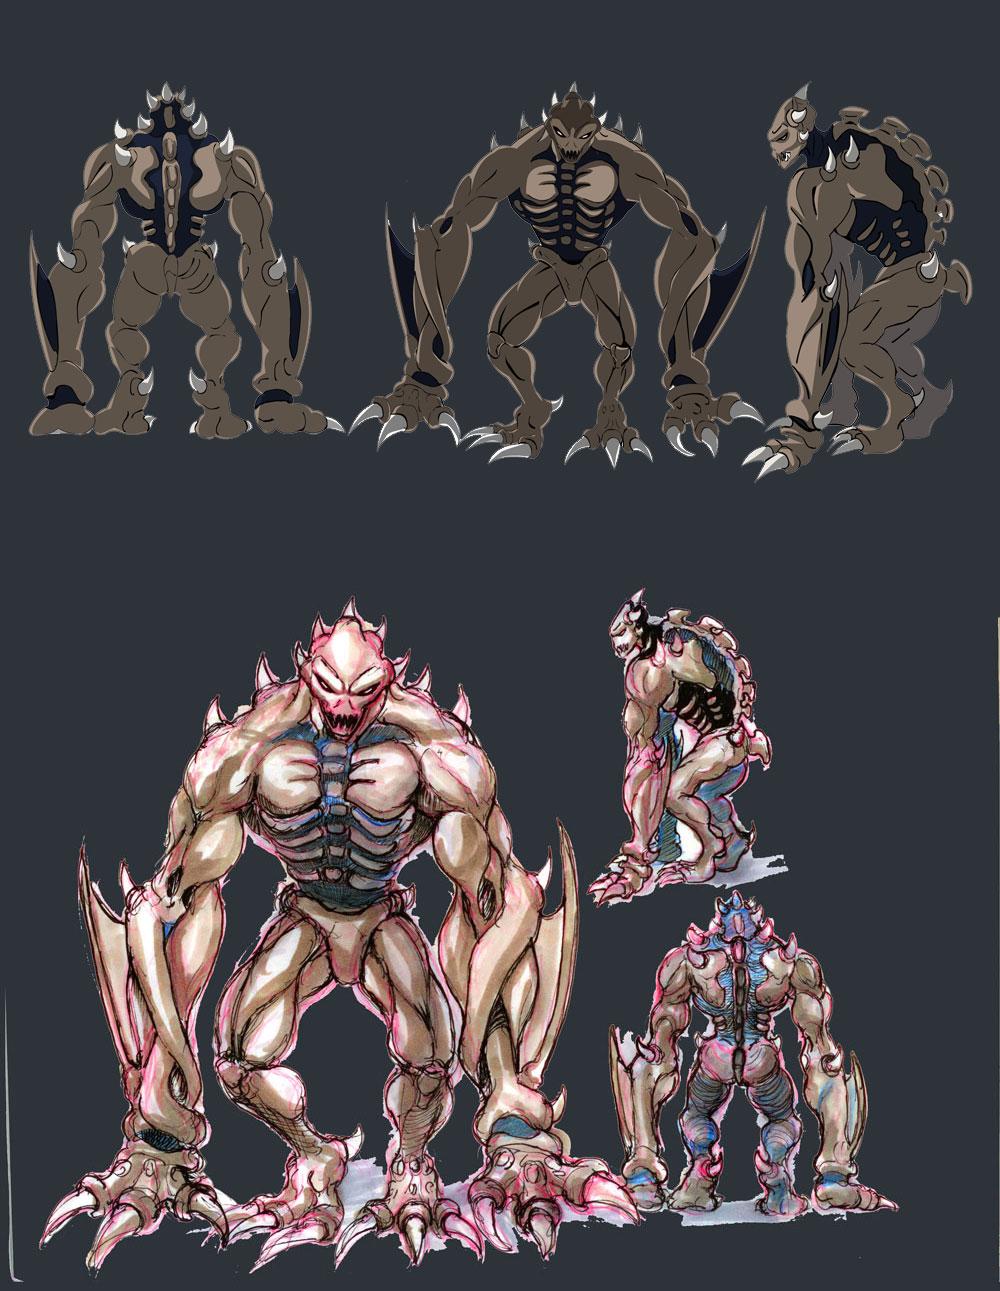 mutant-alien-00709b.jpg